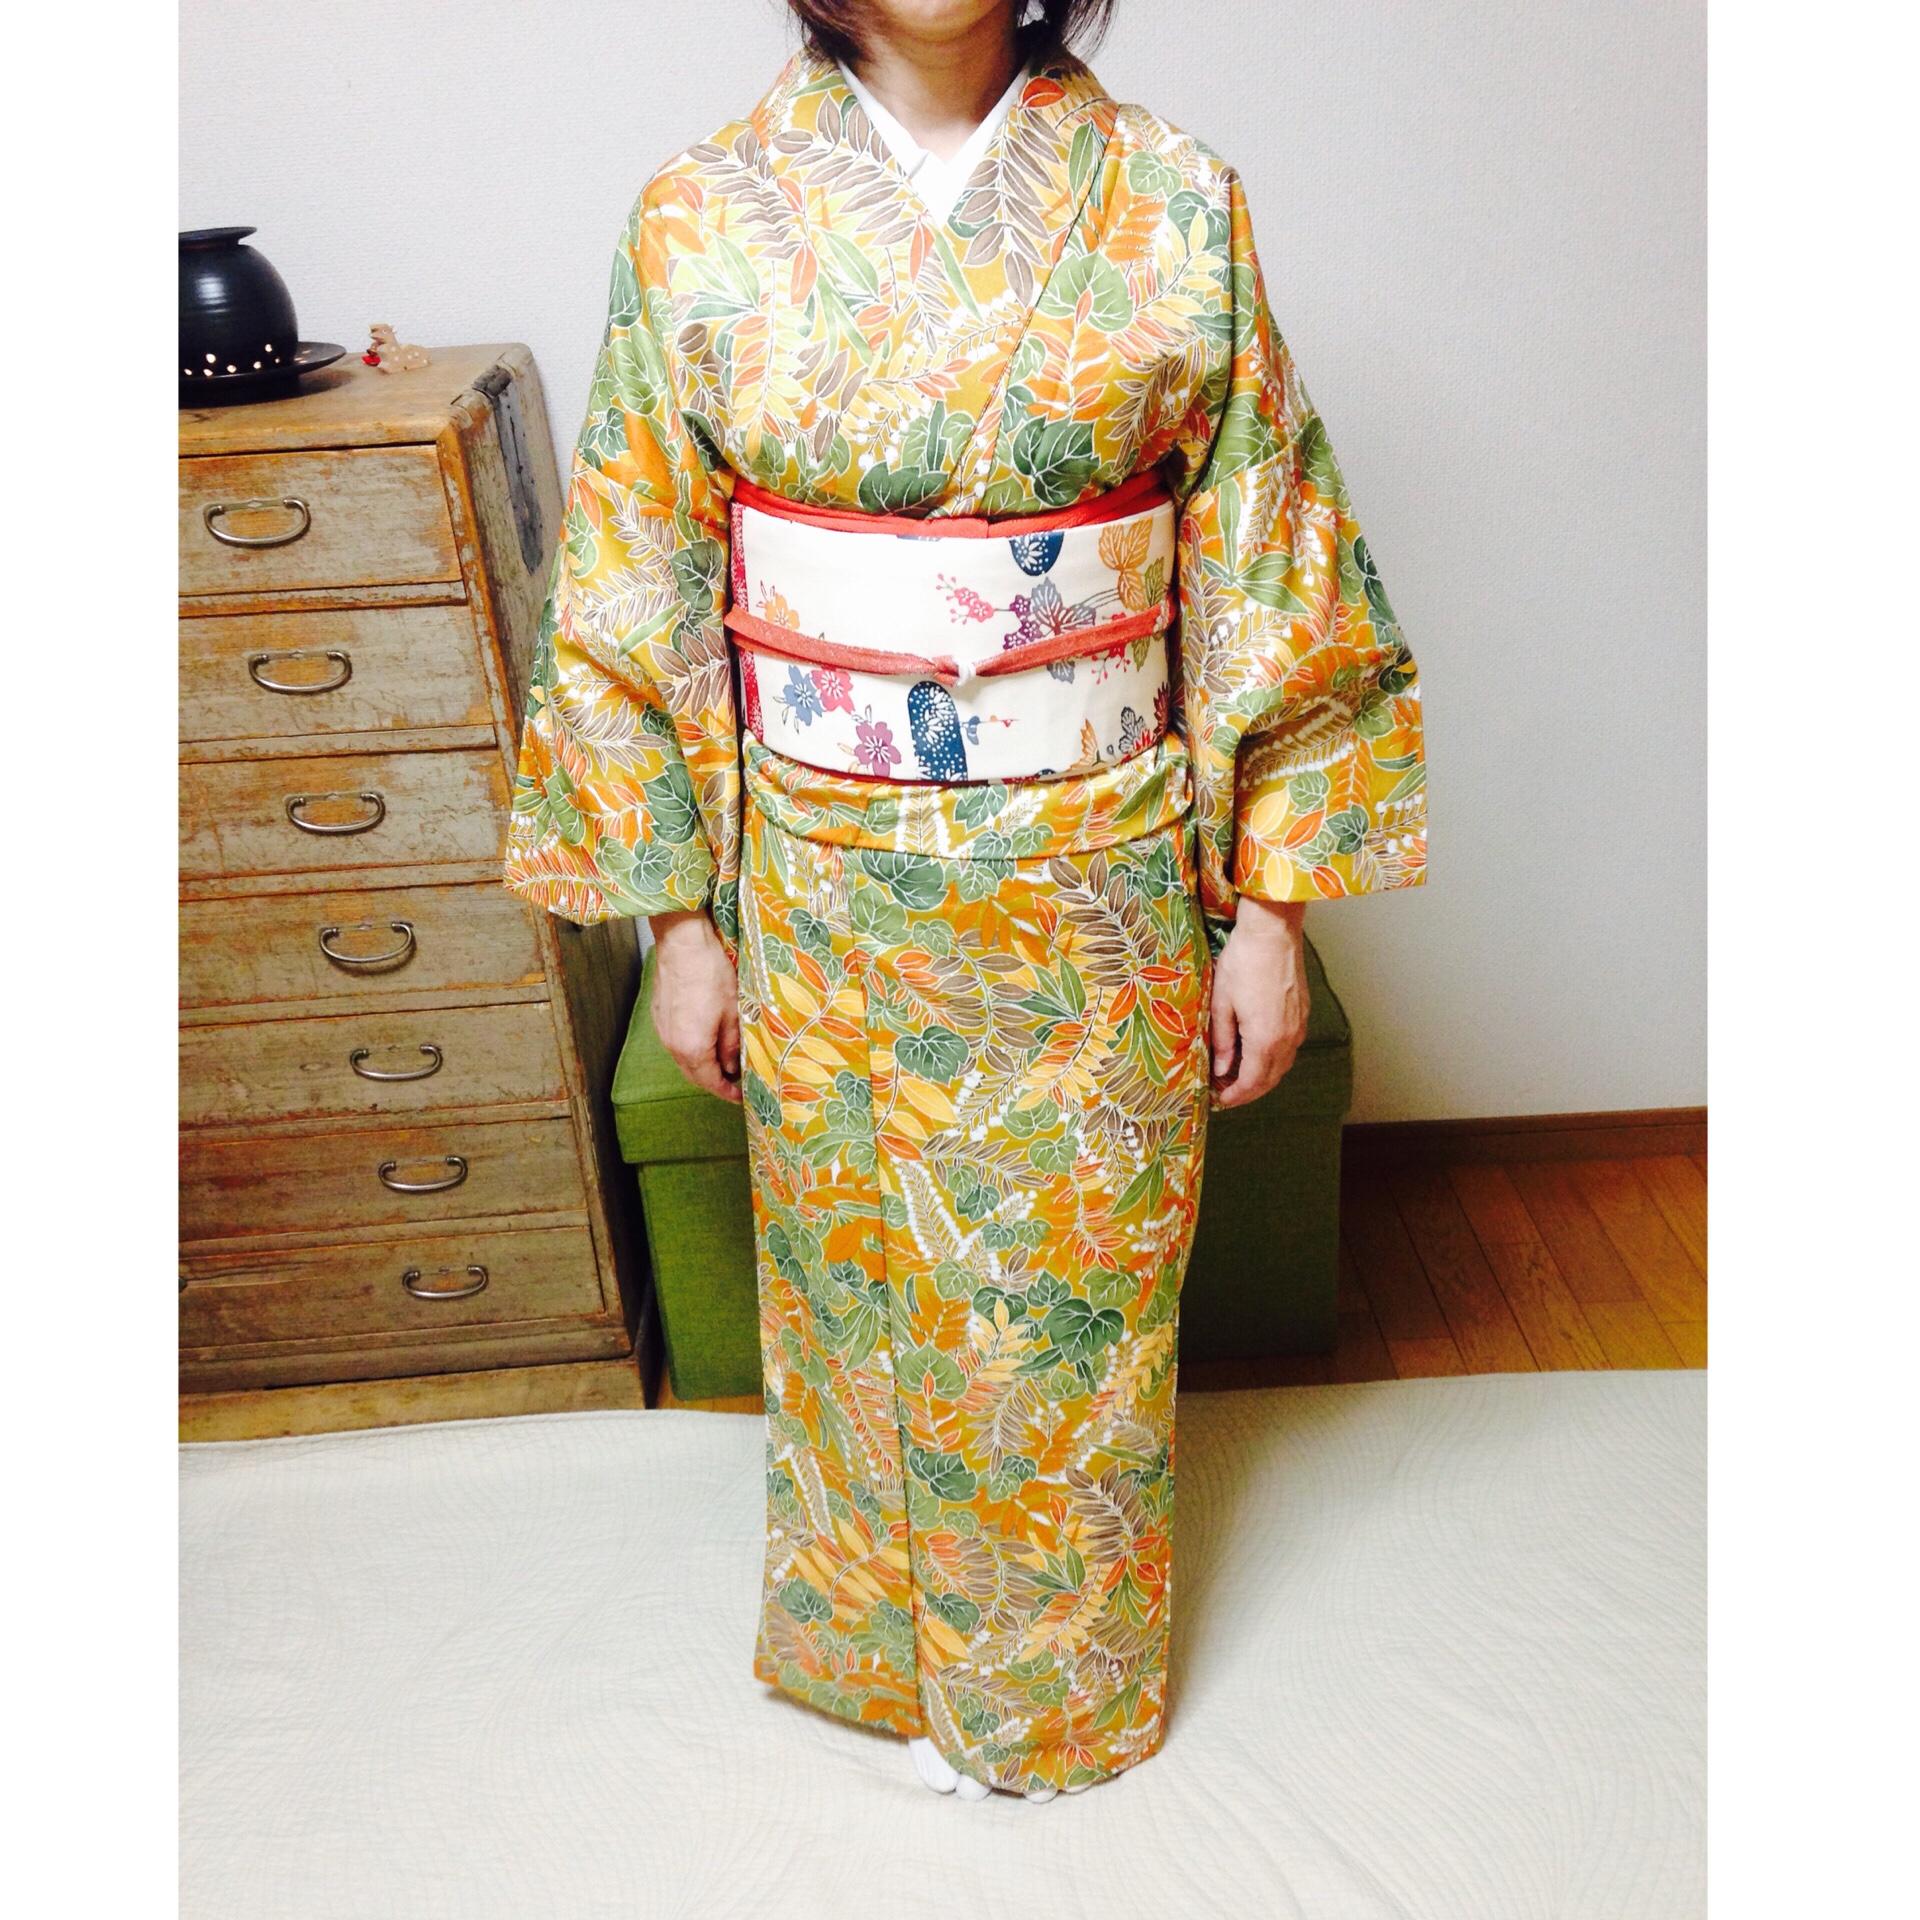 着付け師になりたいお生徒さん・まずは自装から【大阪京橋の着付け教室きものたまより】